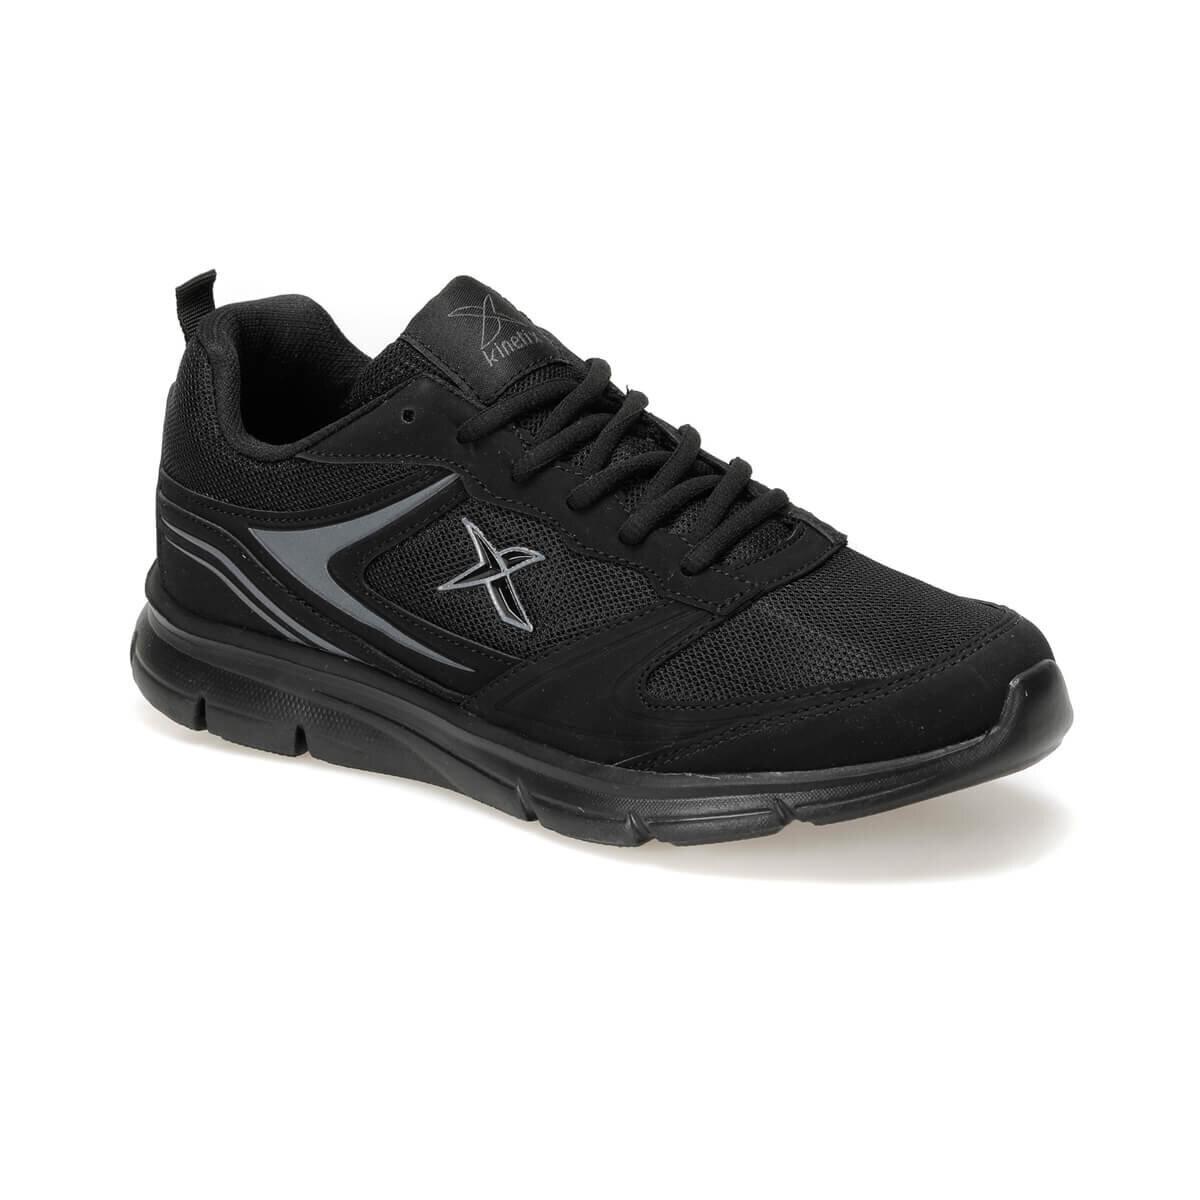 SIYAH Erkek Koşu Ayakkabısı MONTI